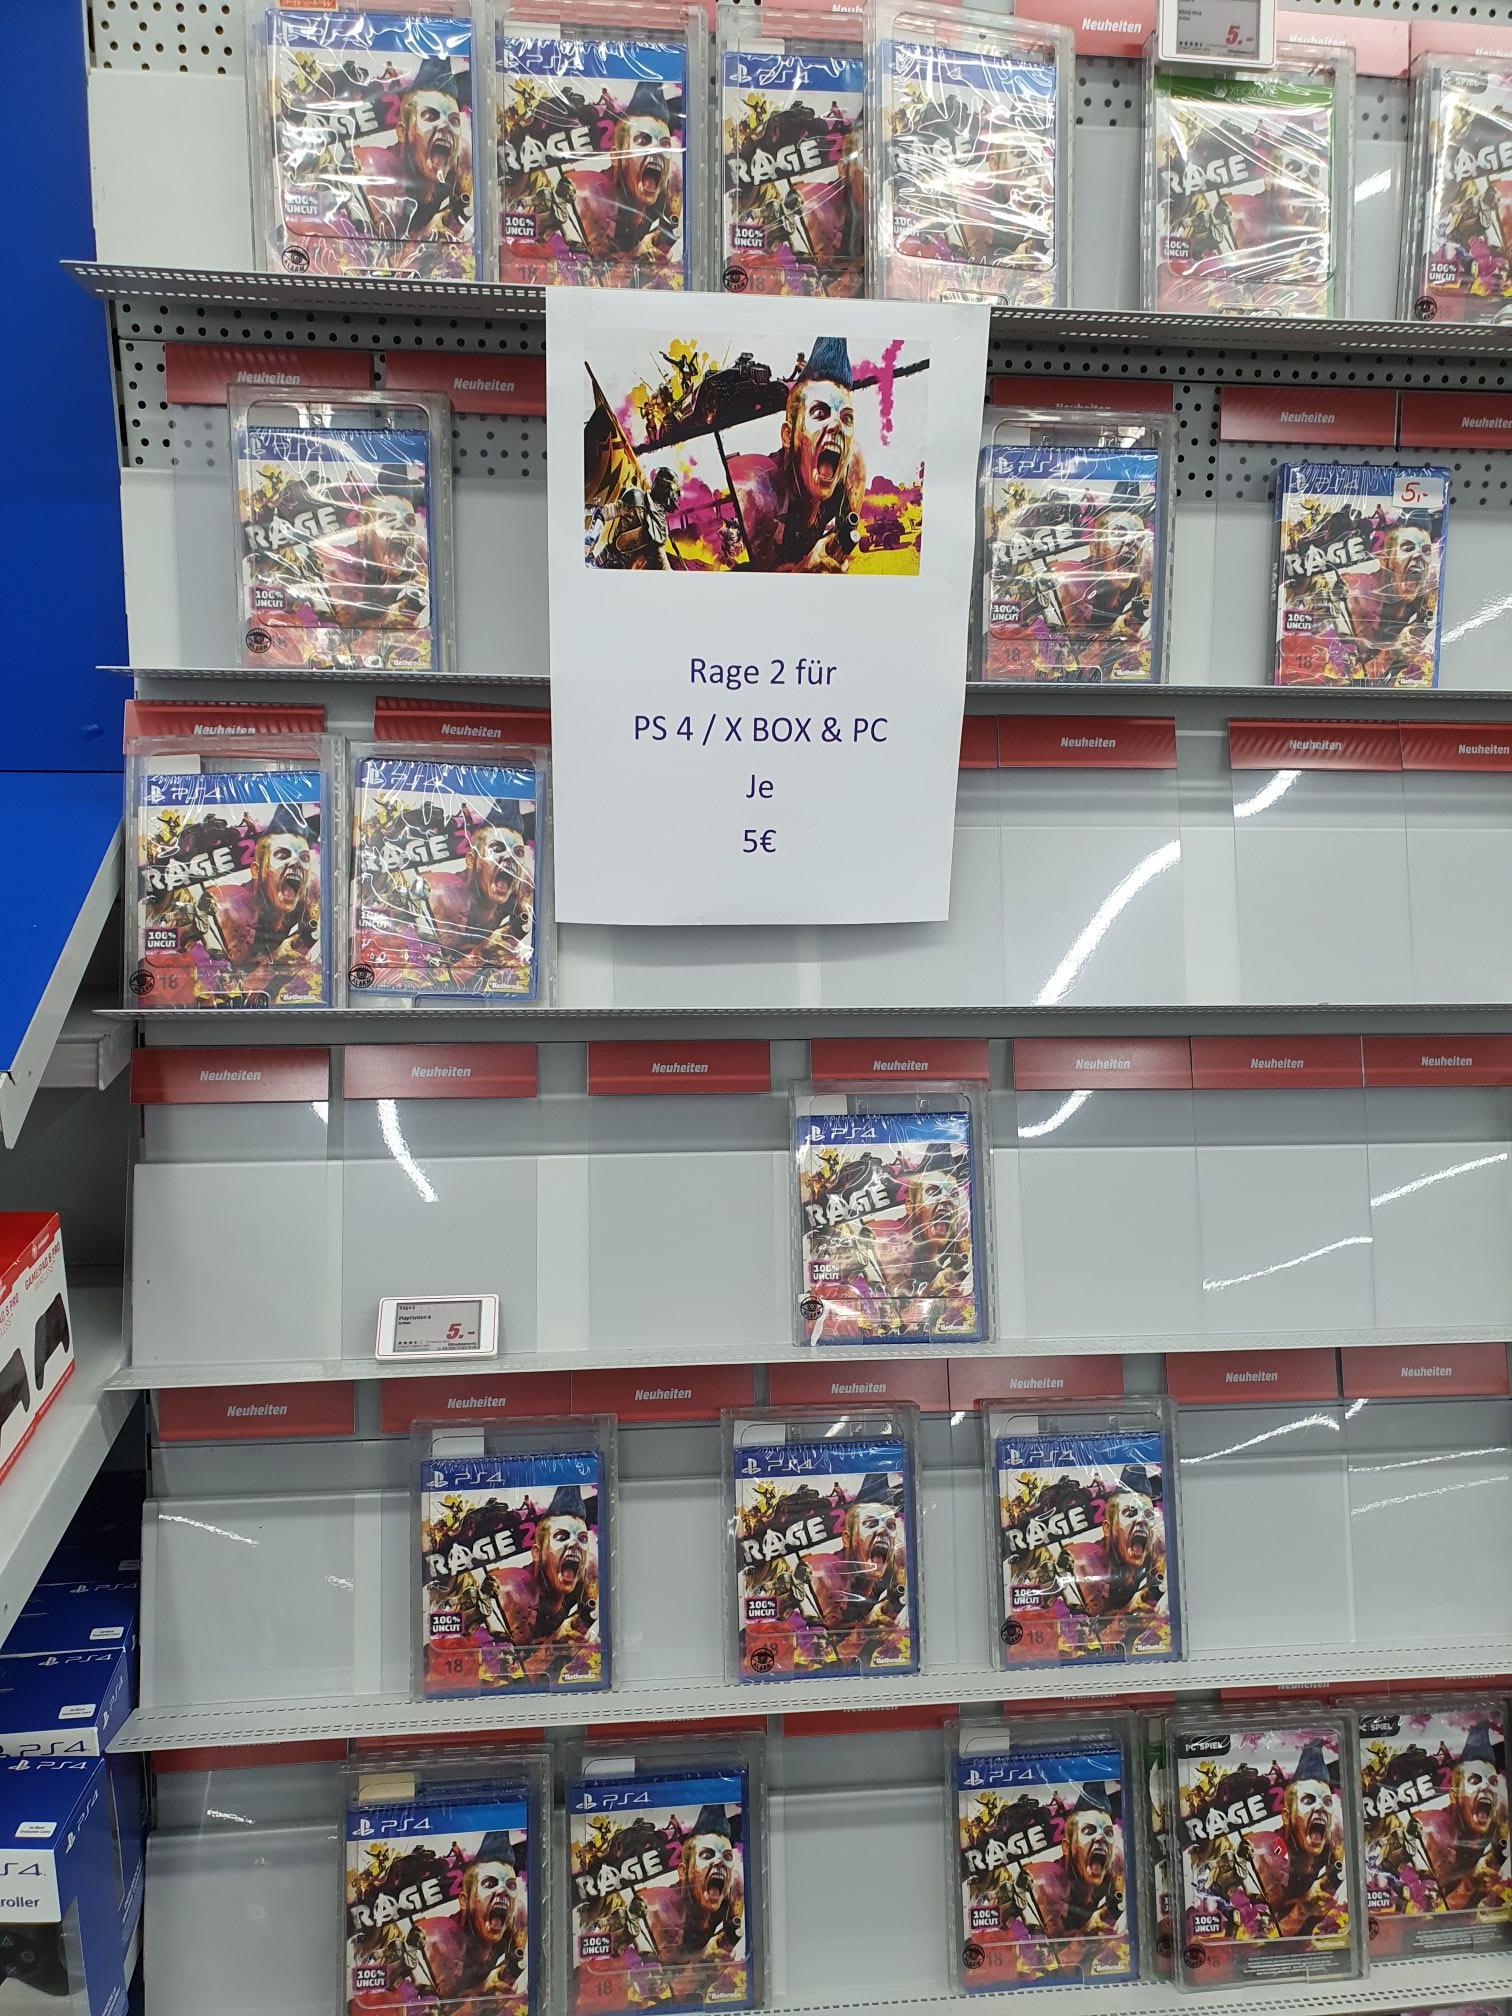 Lokal Media Markt Reutlingen Rage 2 Playstation 4 und Xbox One